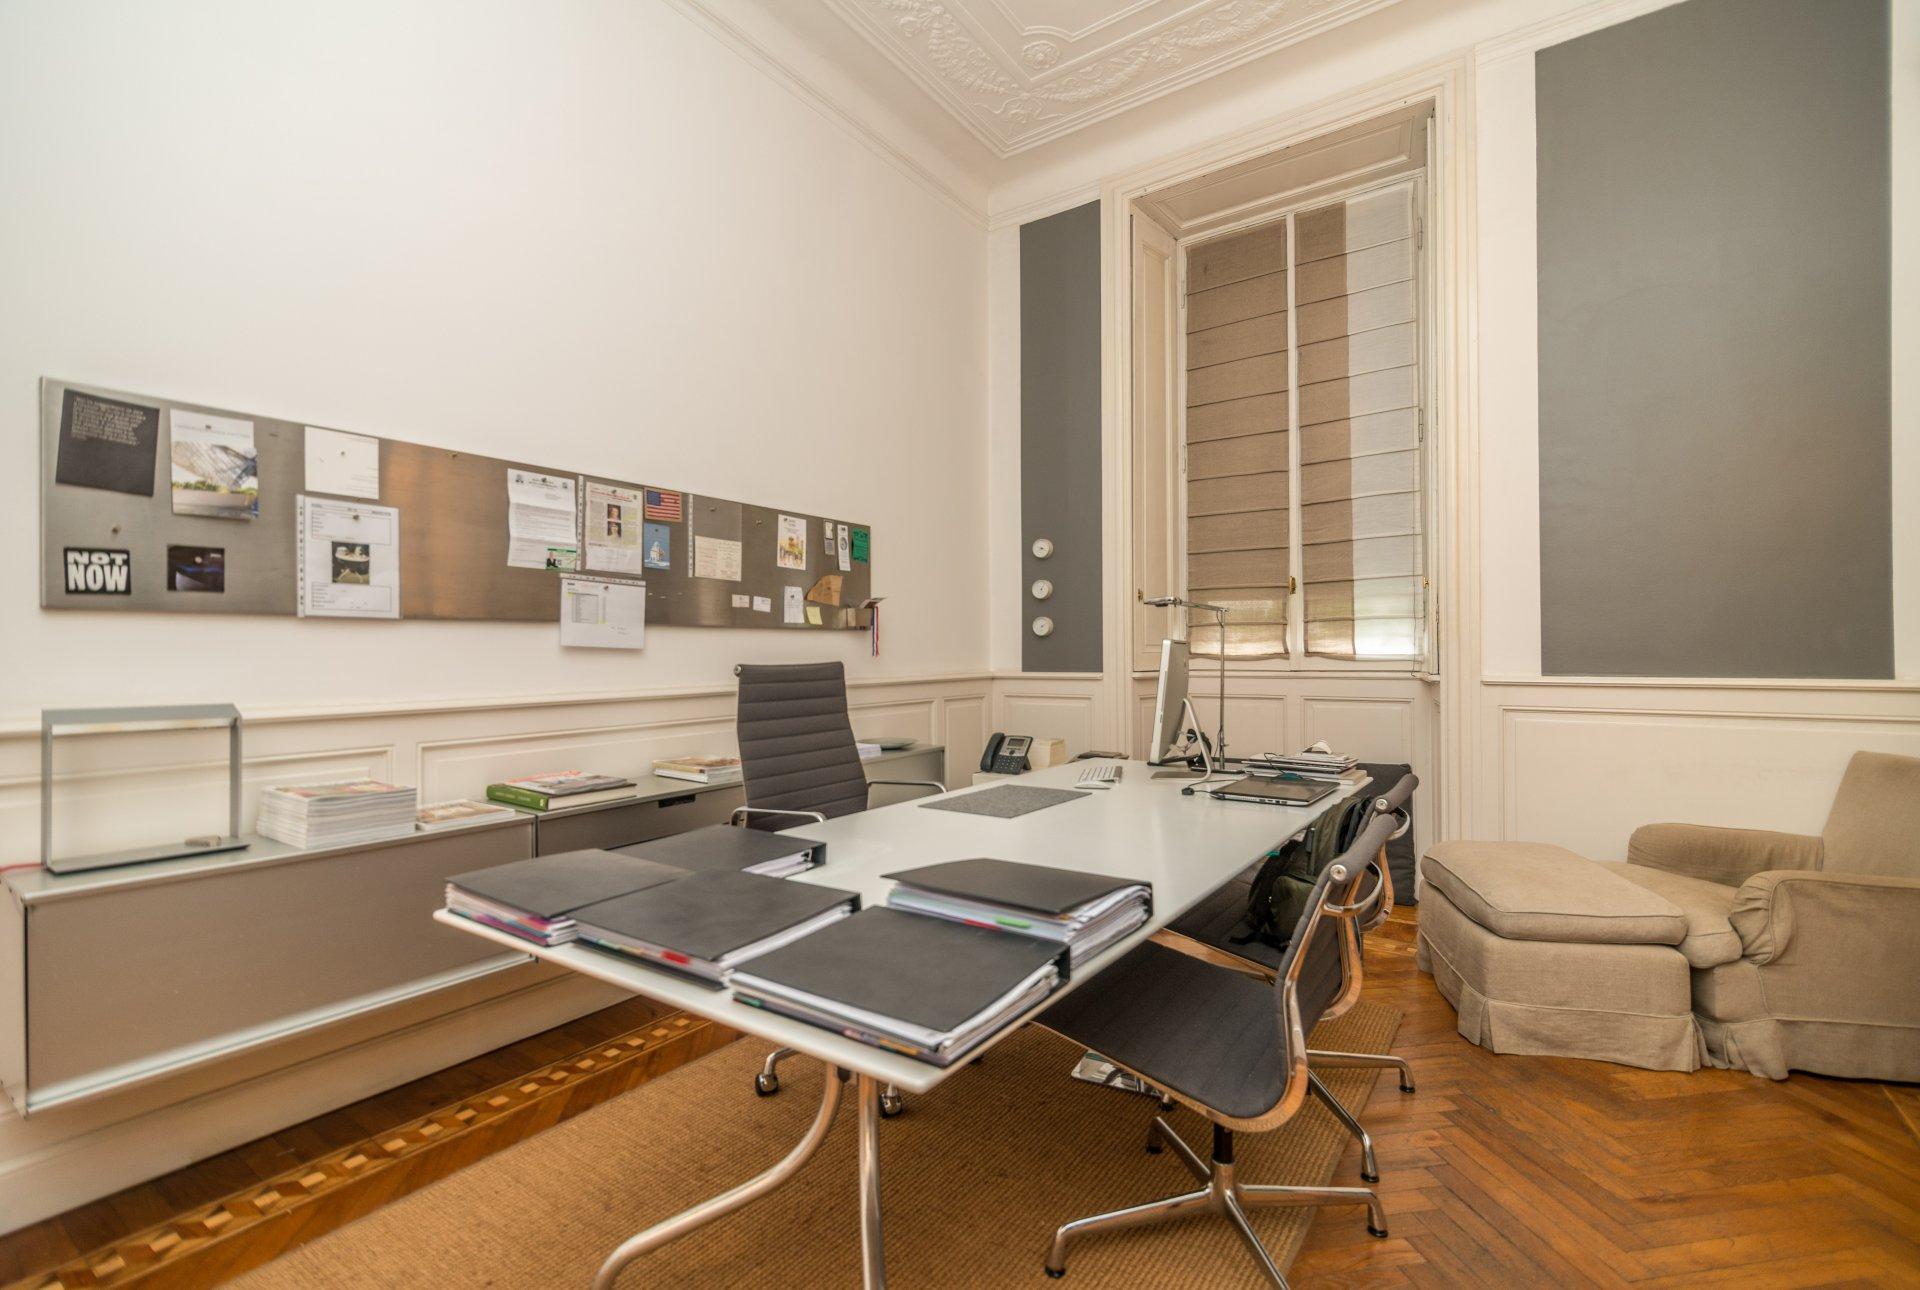 Annuncio Affitto Ufficio Milano (20100), 5 Camere ref:L0741MI